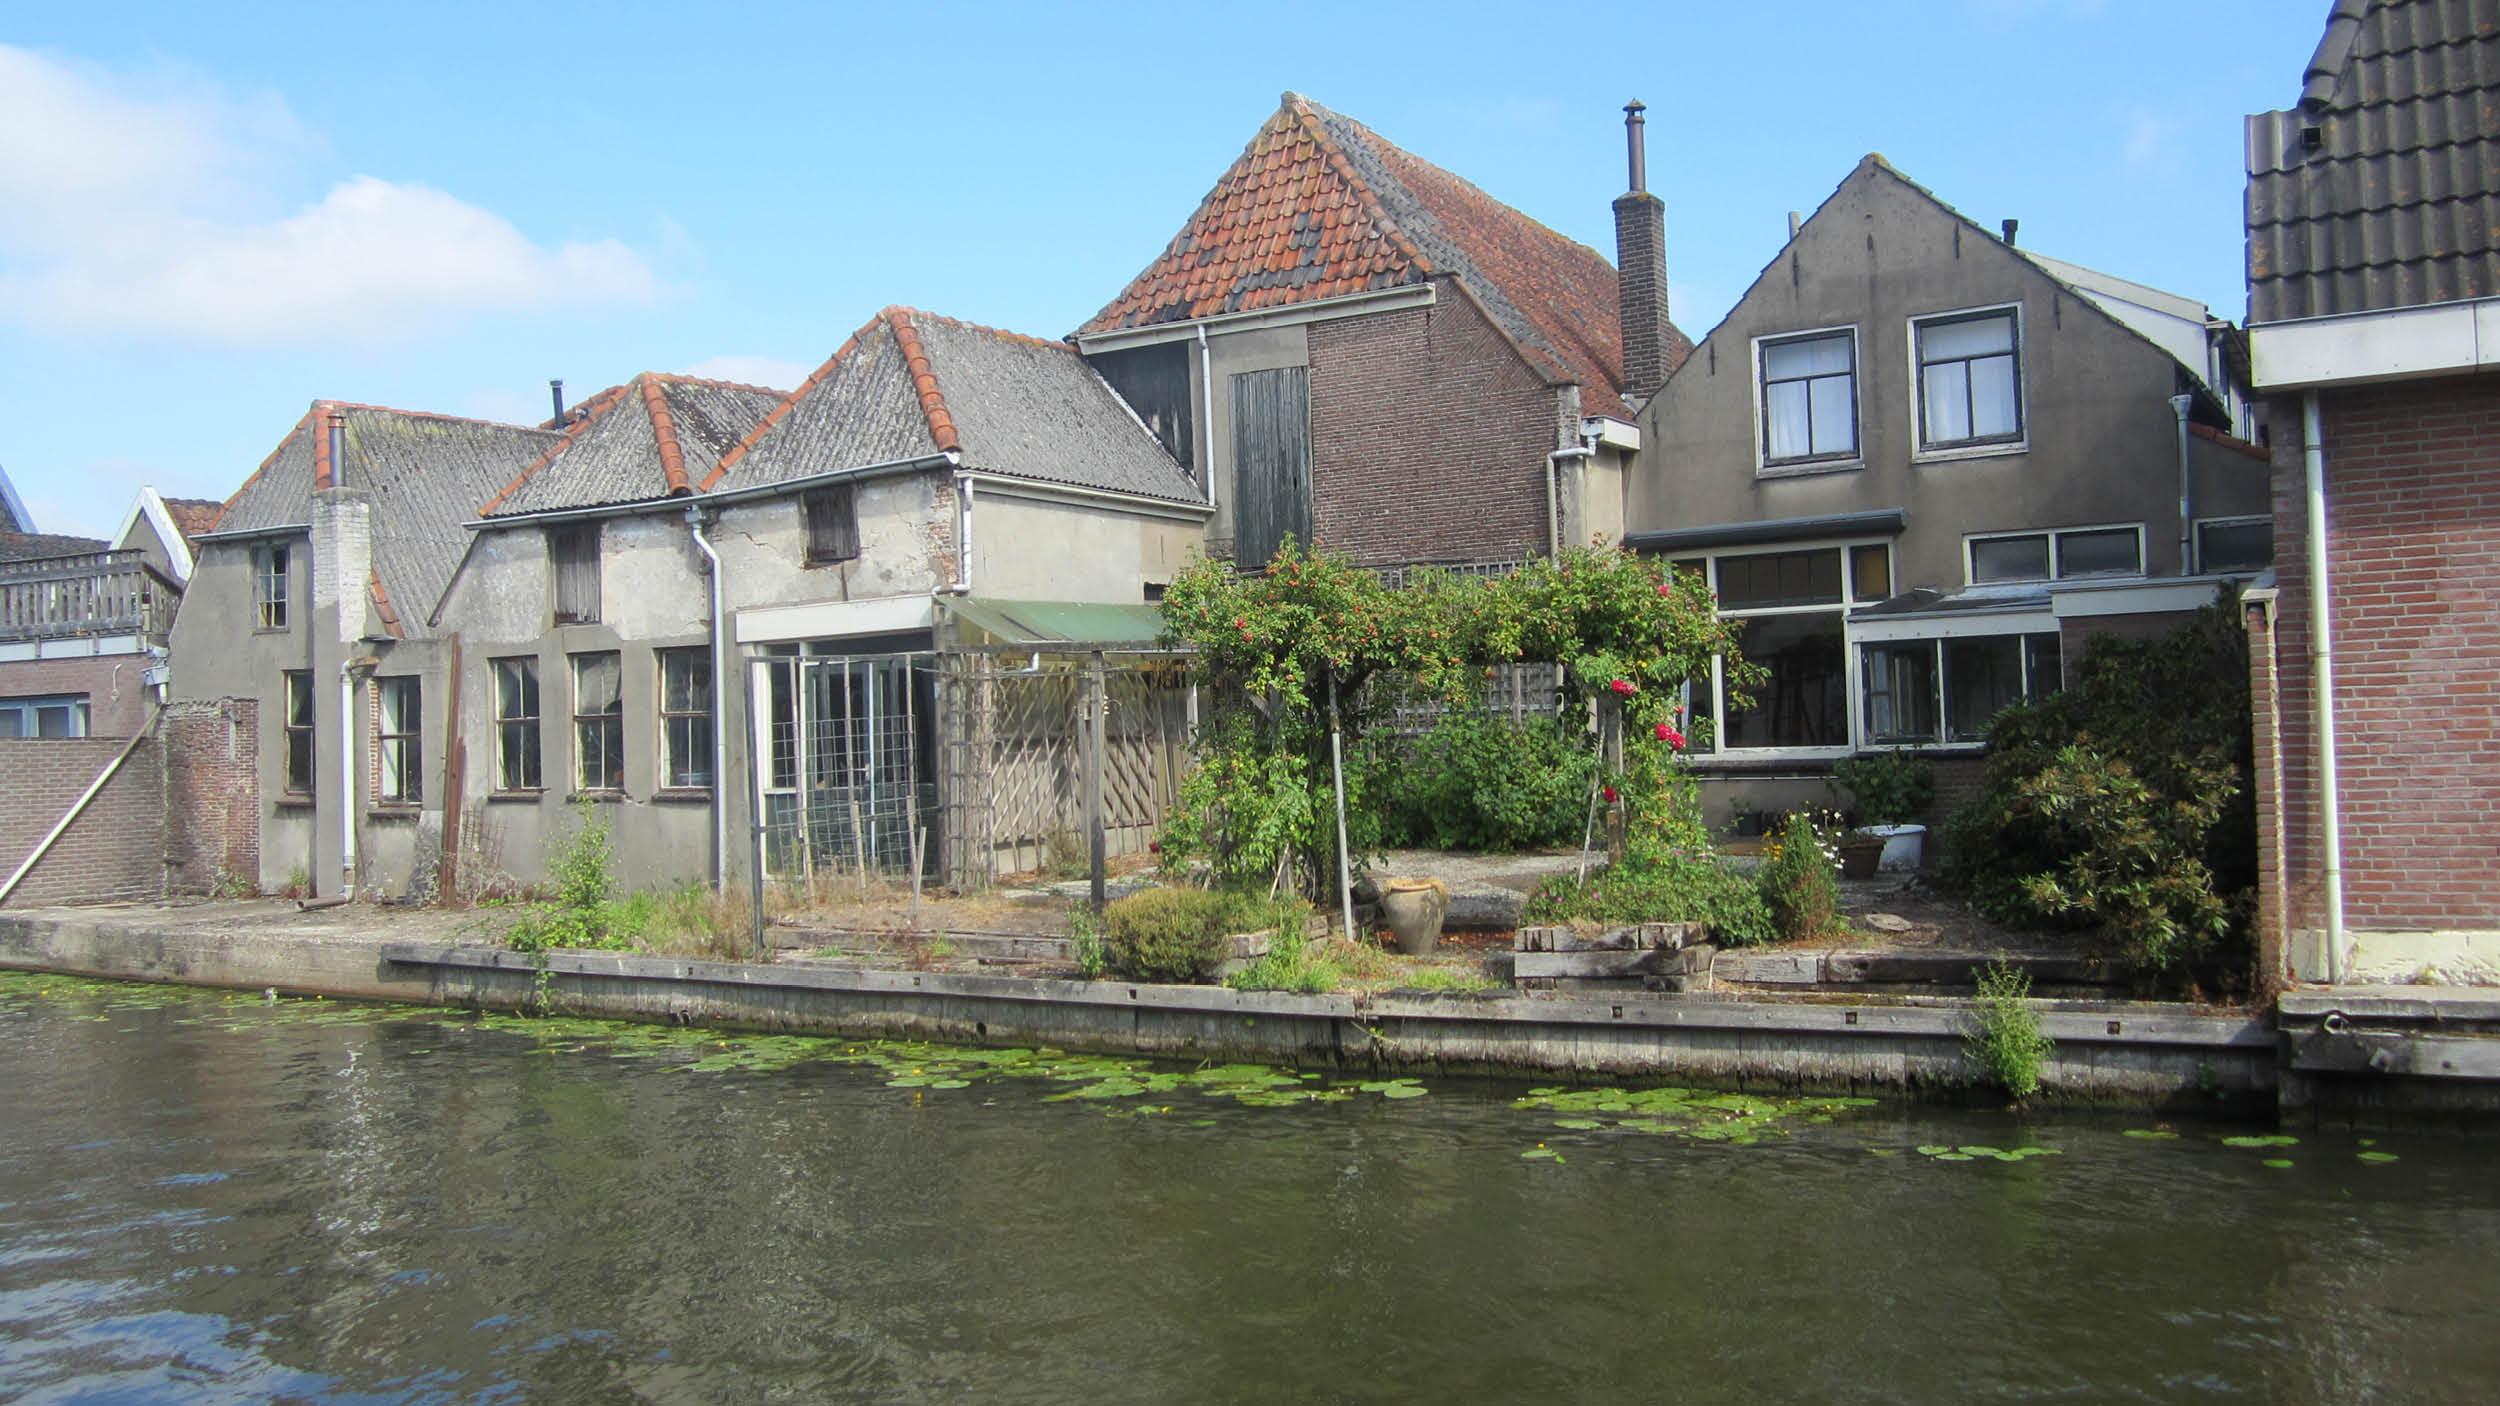 Bouwhistorisch onderzoek pakhuis Woerden